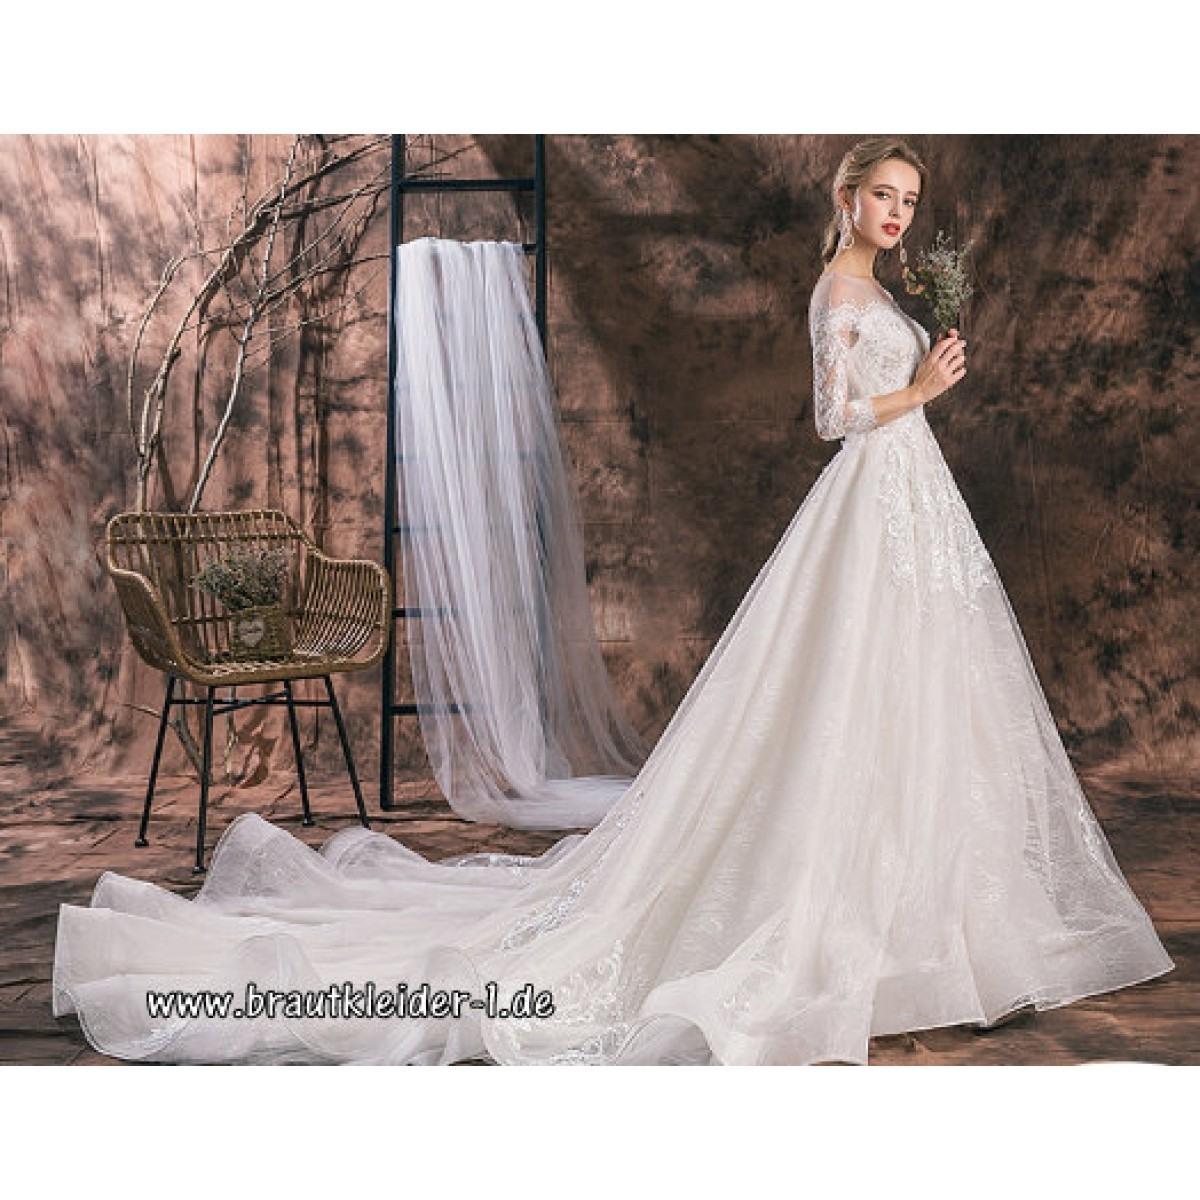 Abend Genial Brautkleid Mit Schleppe Ärmel20 Ausgezeichnet Brautkleid Mit Schleppe Stylish